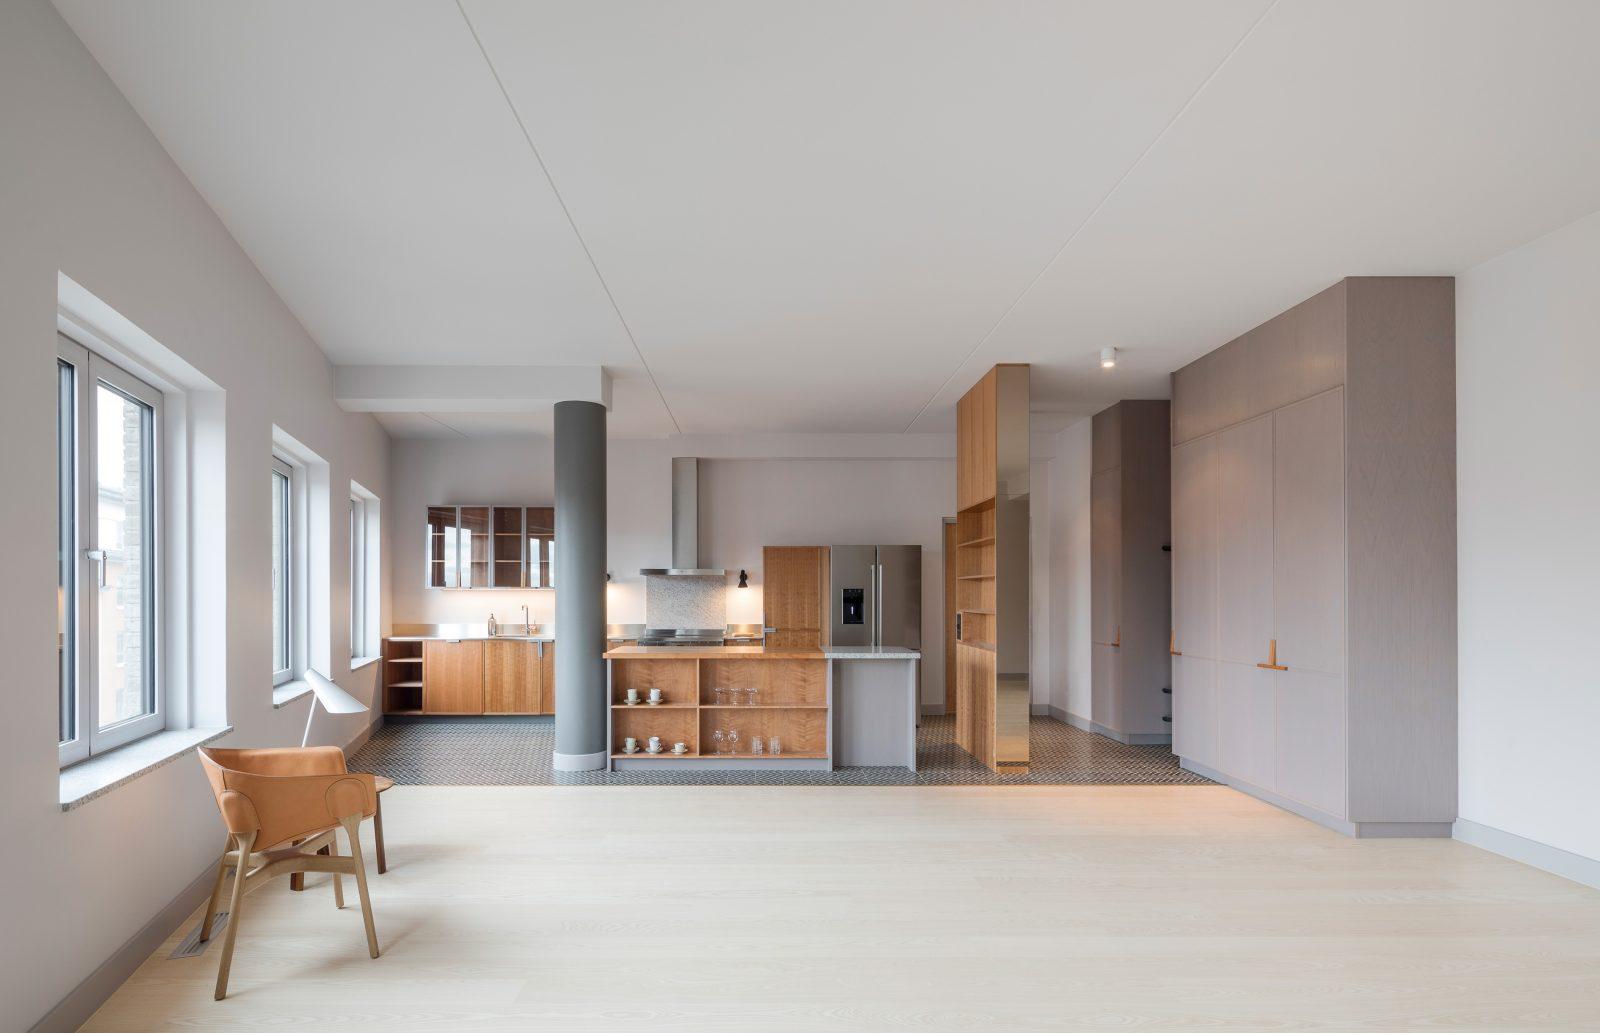 KjellanderSjoberg Etaget Interior